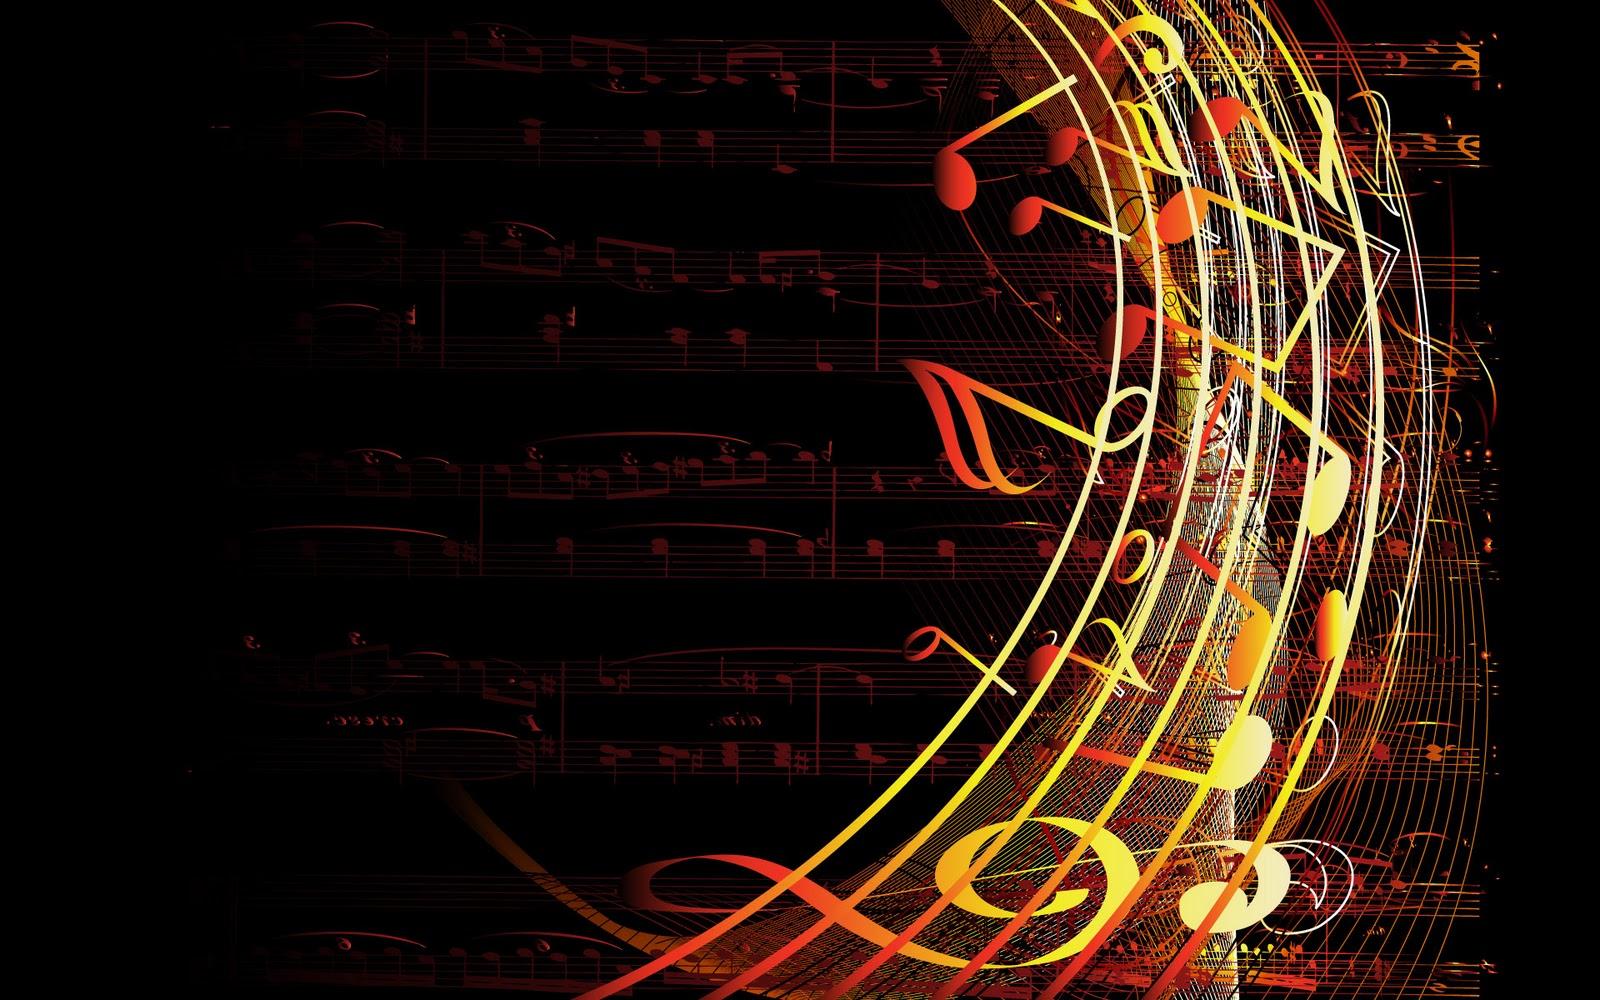 Music Wallpaper Music Desktop Wallpapers 1600x1000